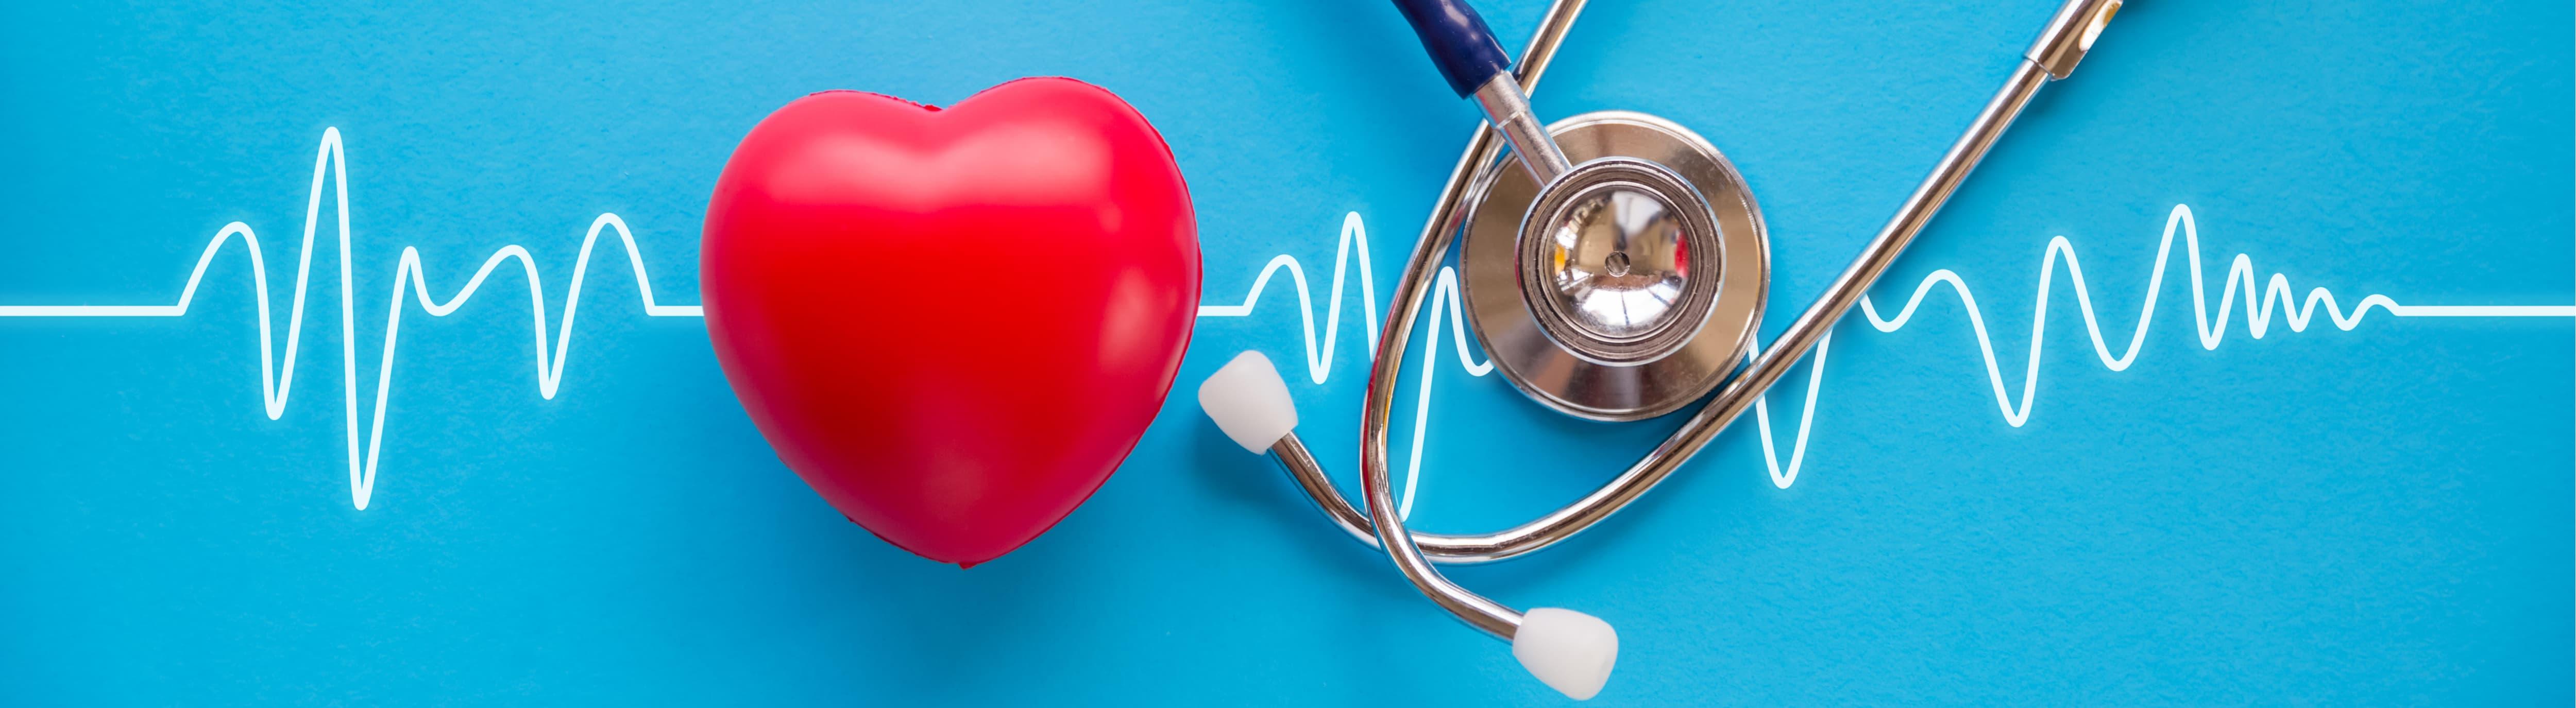 Heartfelt Care at Pullman Regional Hospital